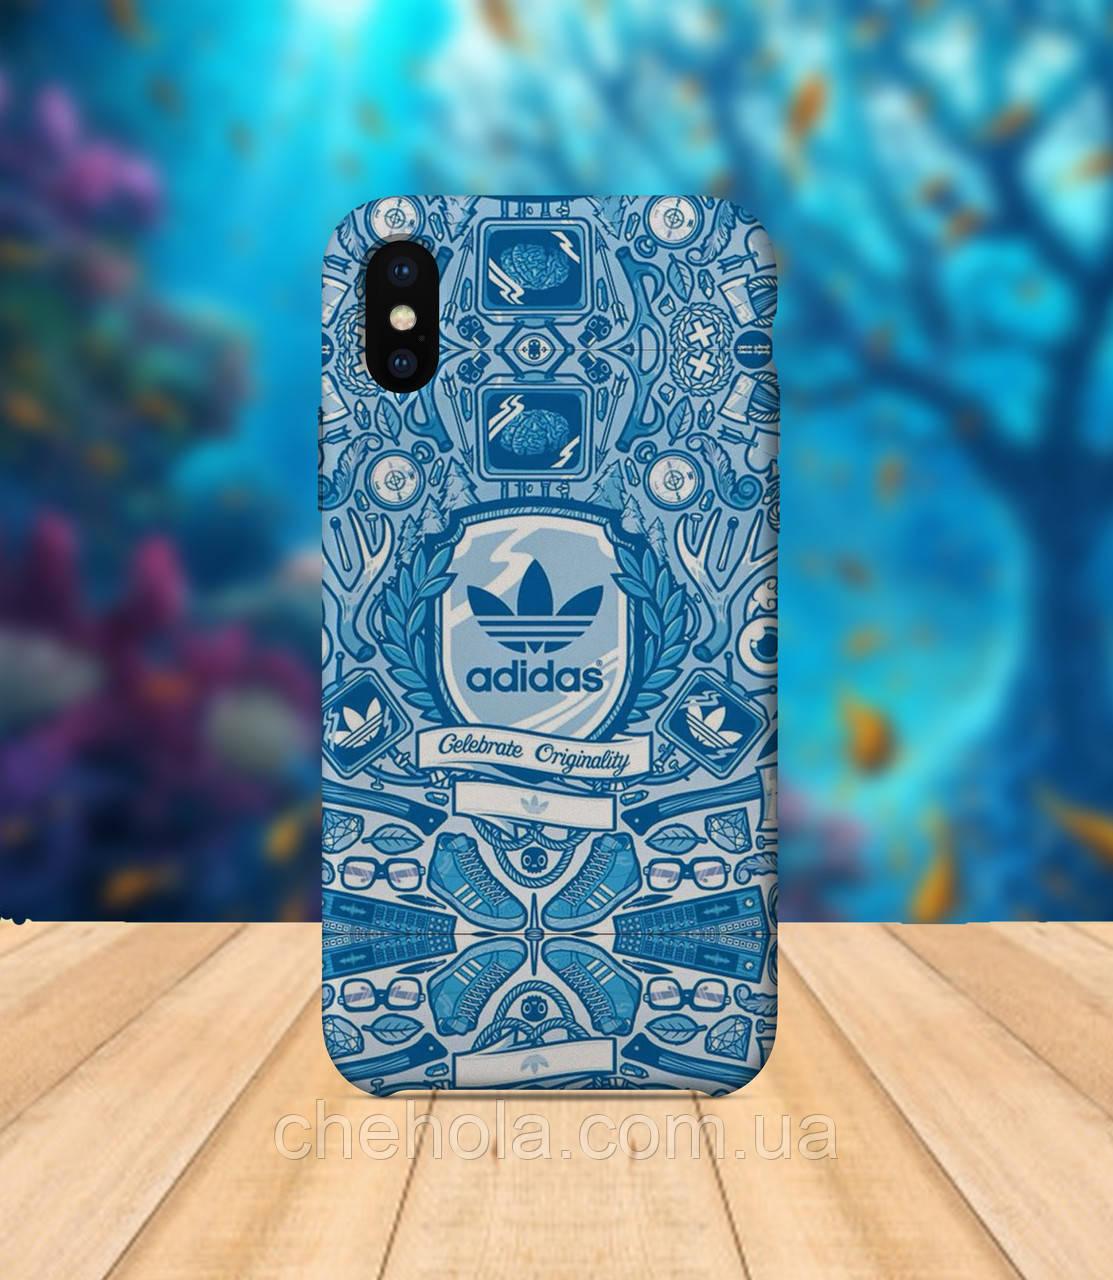 Чехол для apple iphone x XS max В стиле Adidas чехол с принтом